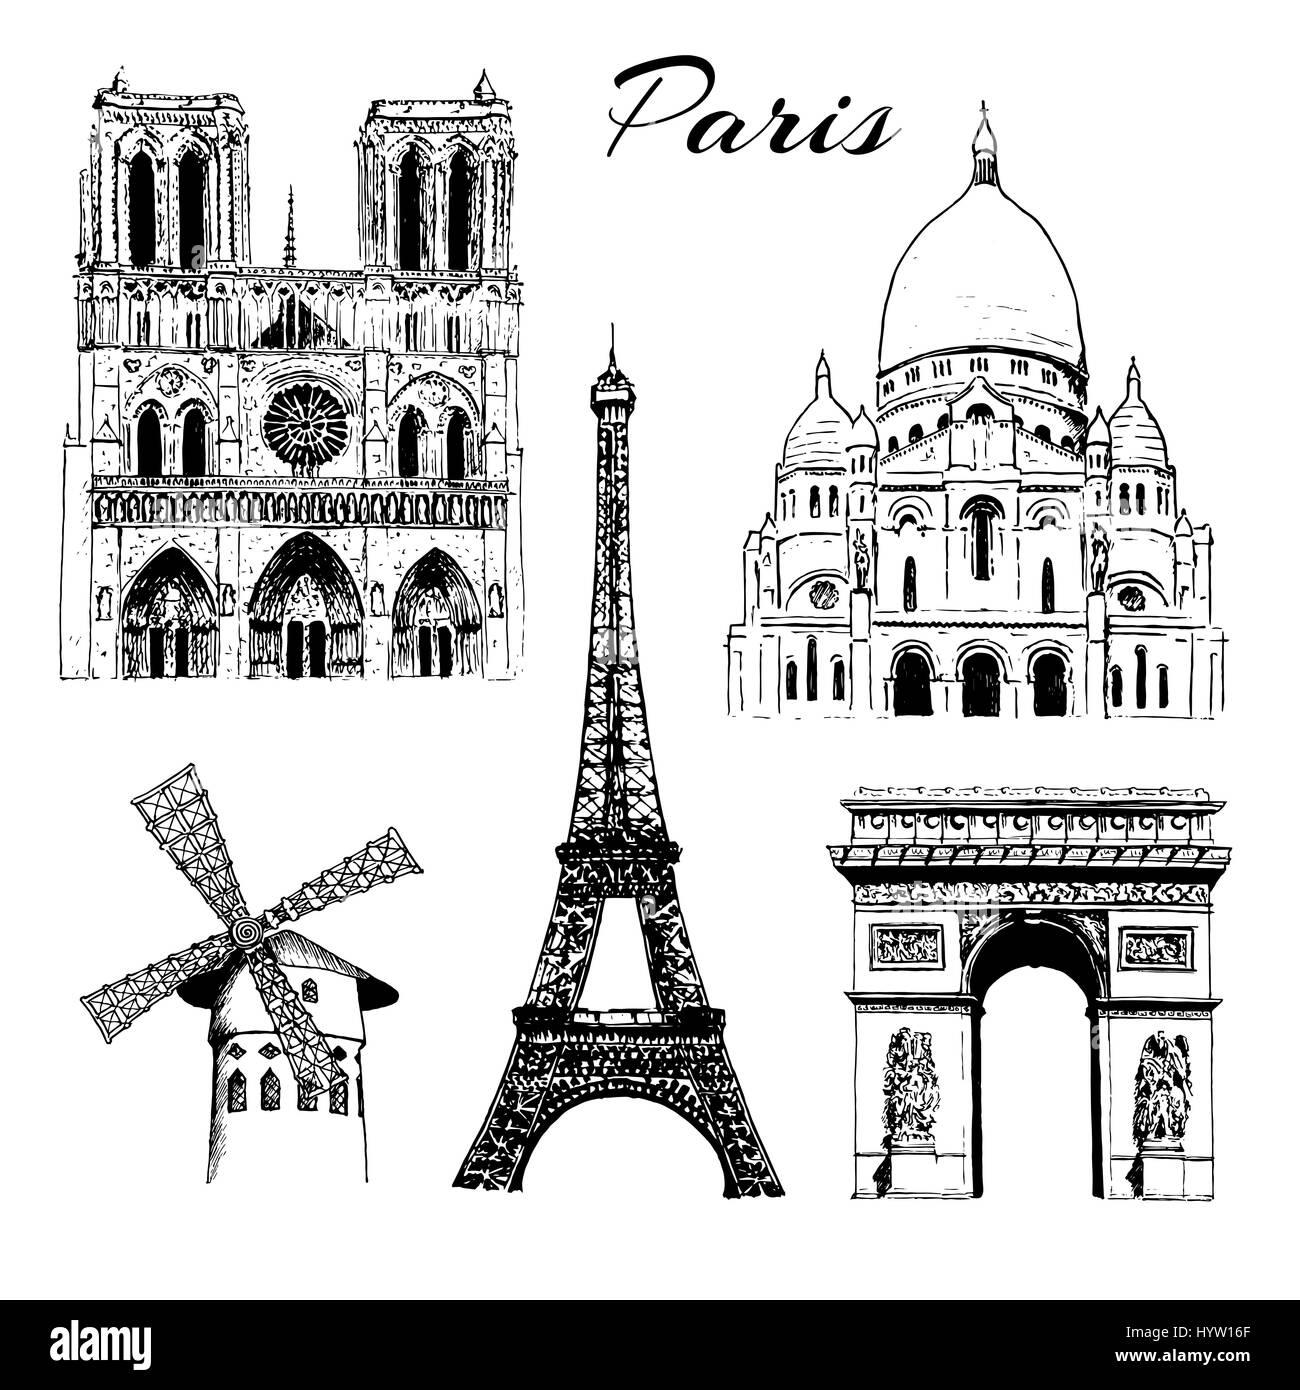 Set of Paris symbols. Eiffel tower, Notre Dame, Arc de Triomphe, Basilica of Sacre Coeur, Moulin Rouge. Vector hand - Stock Image